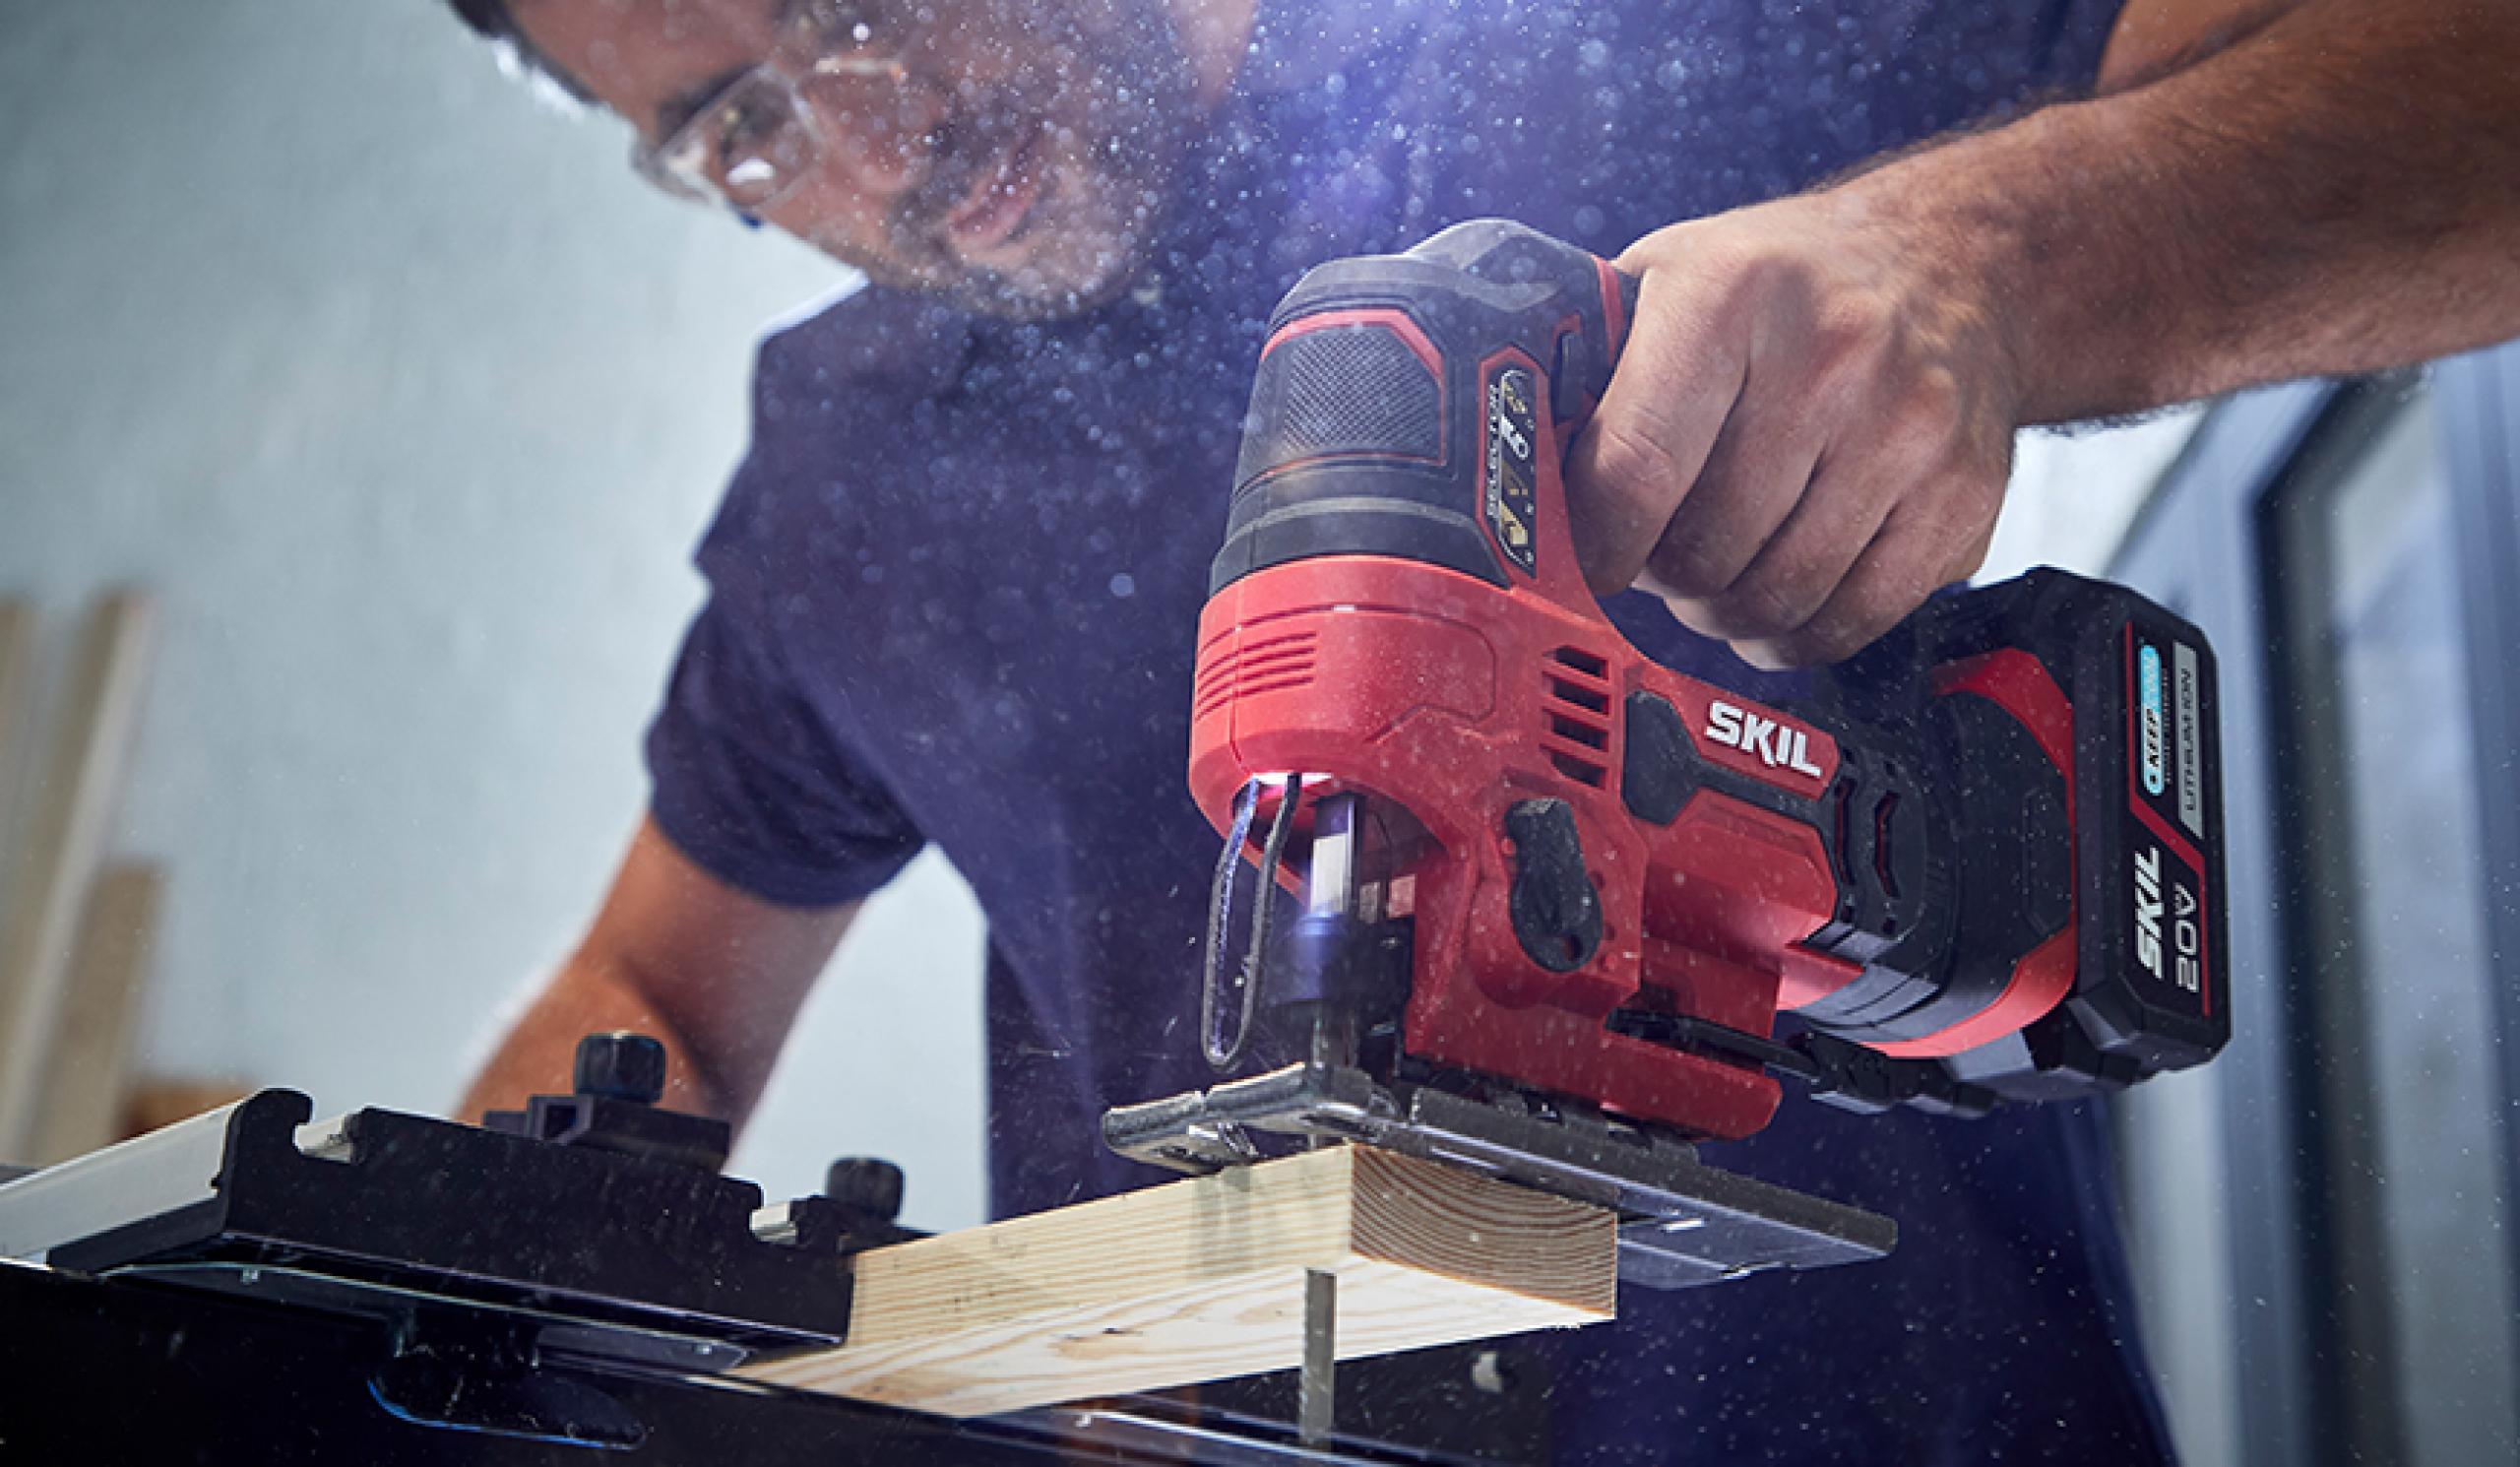 Mere end værktøjer